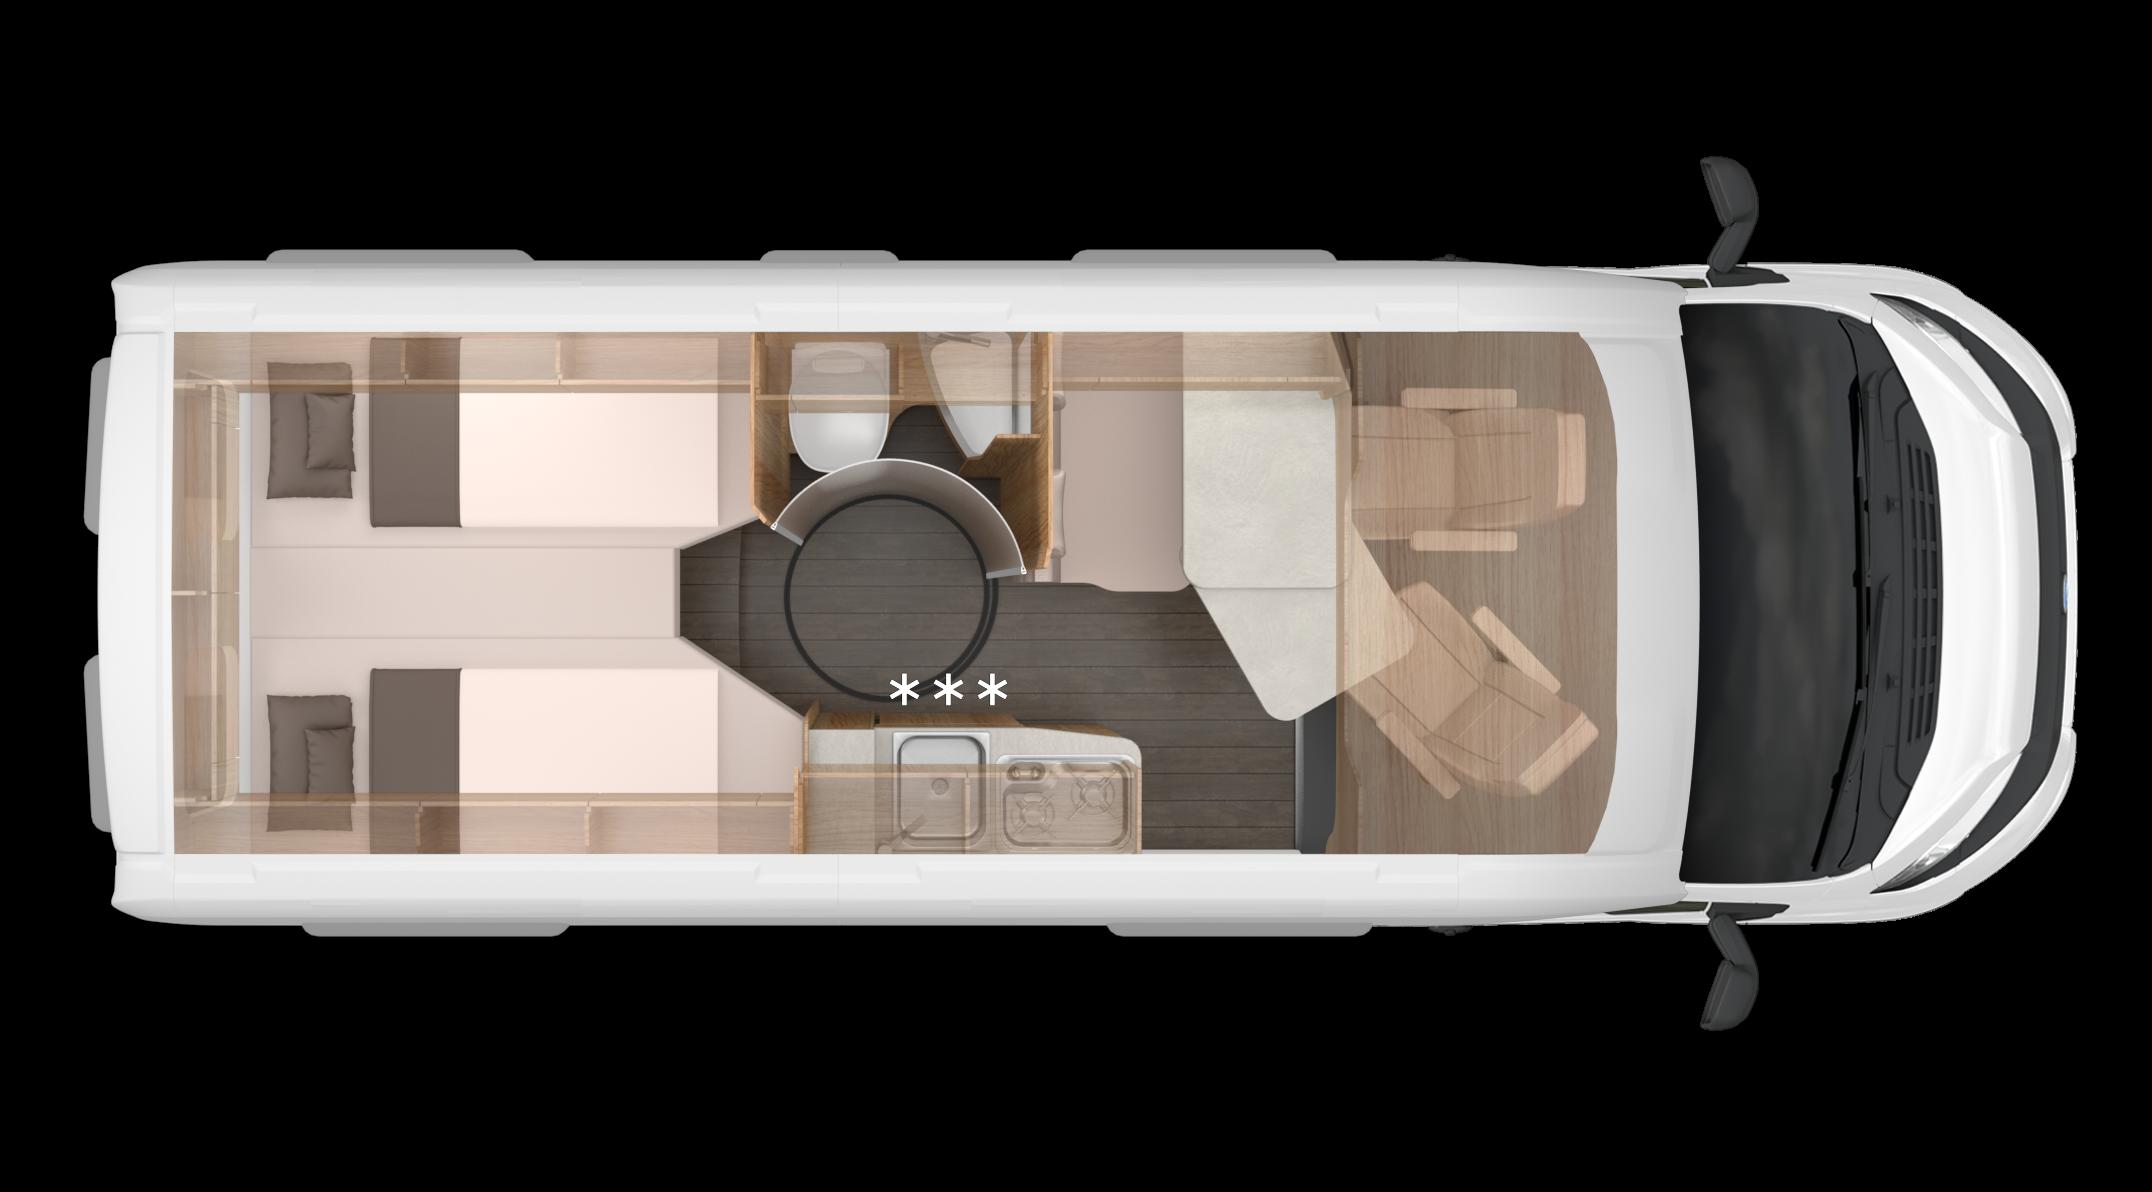 BOXSTAR - 600LIFETIME_Knaus_camper_R1_C9_C7_C6_C2